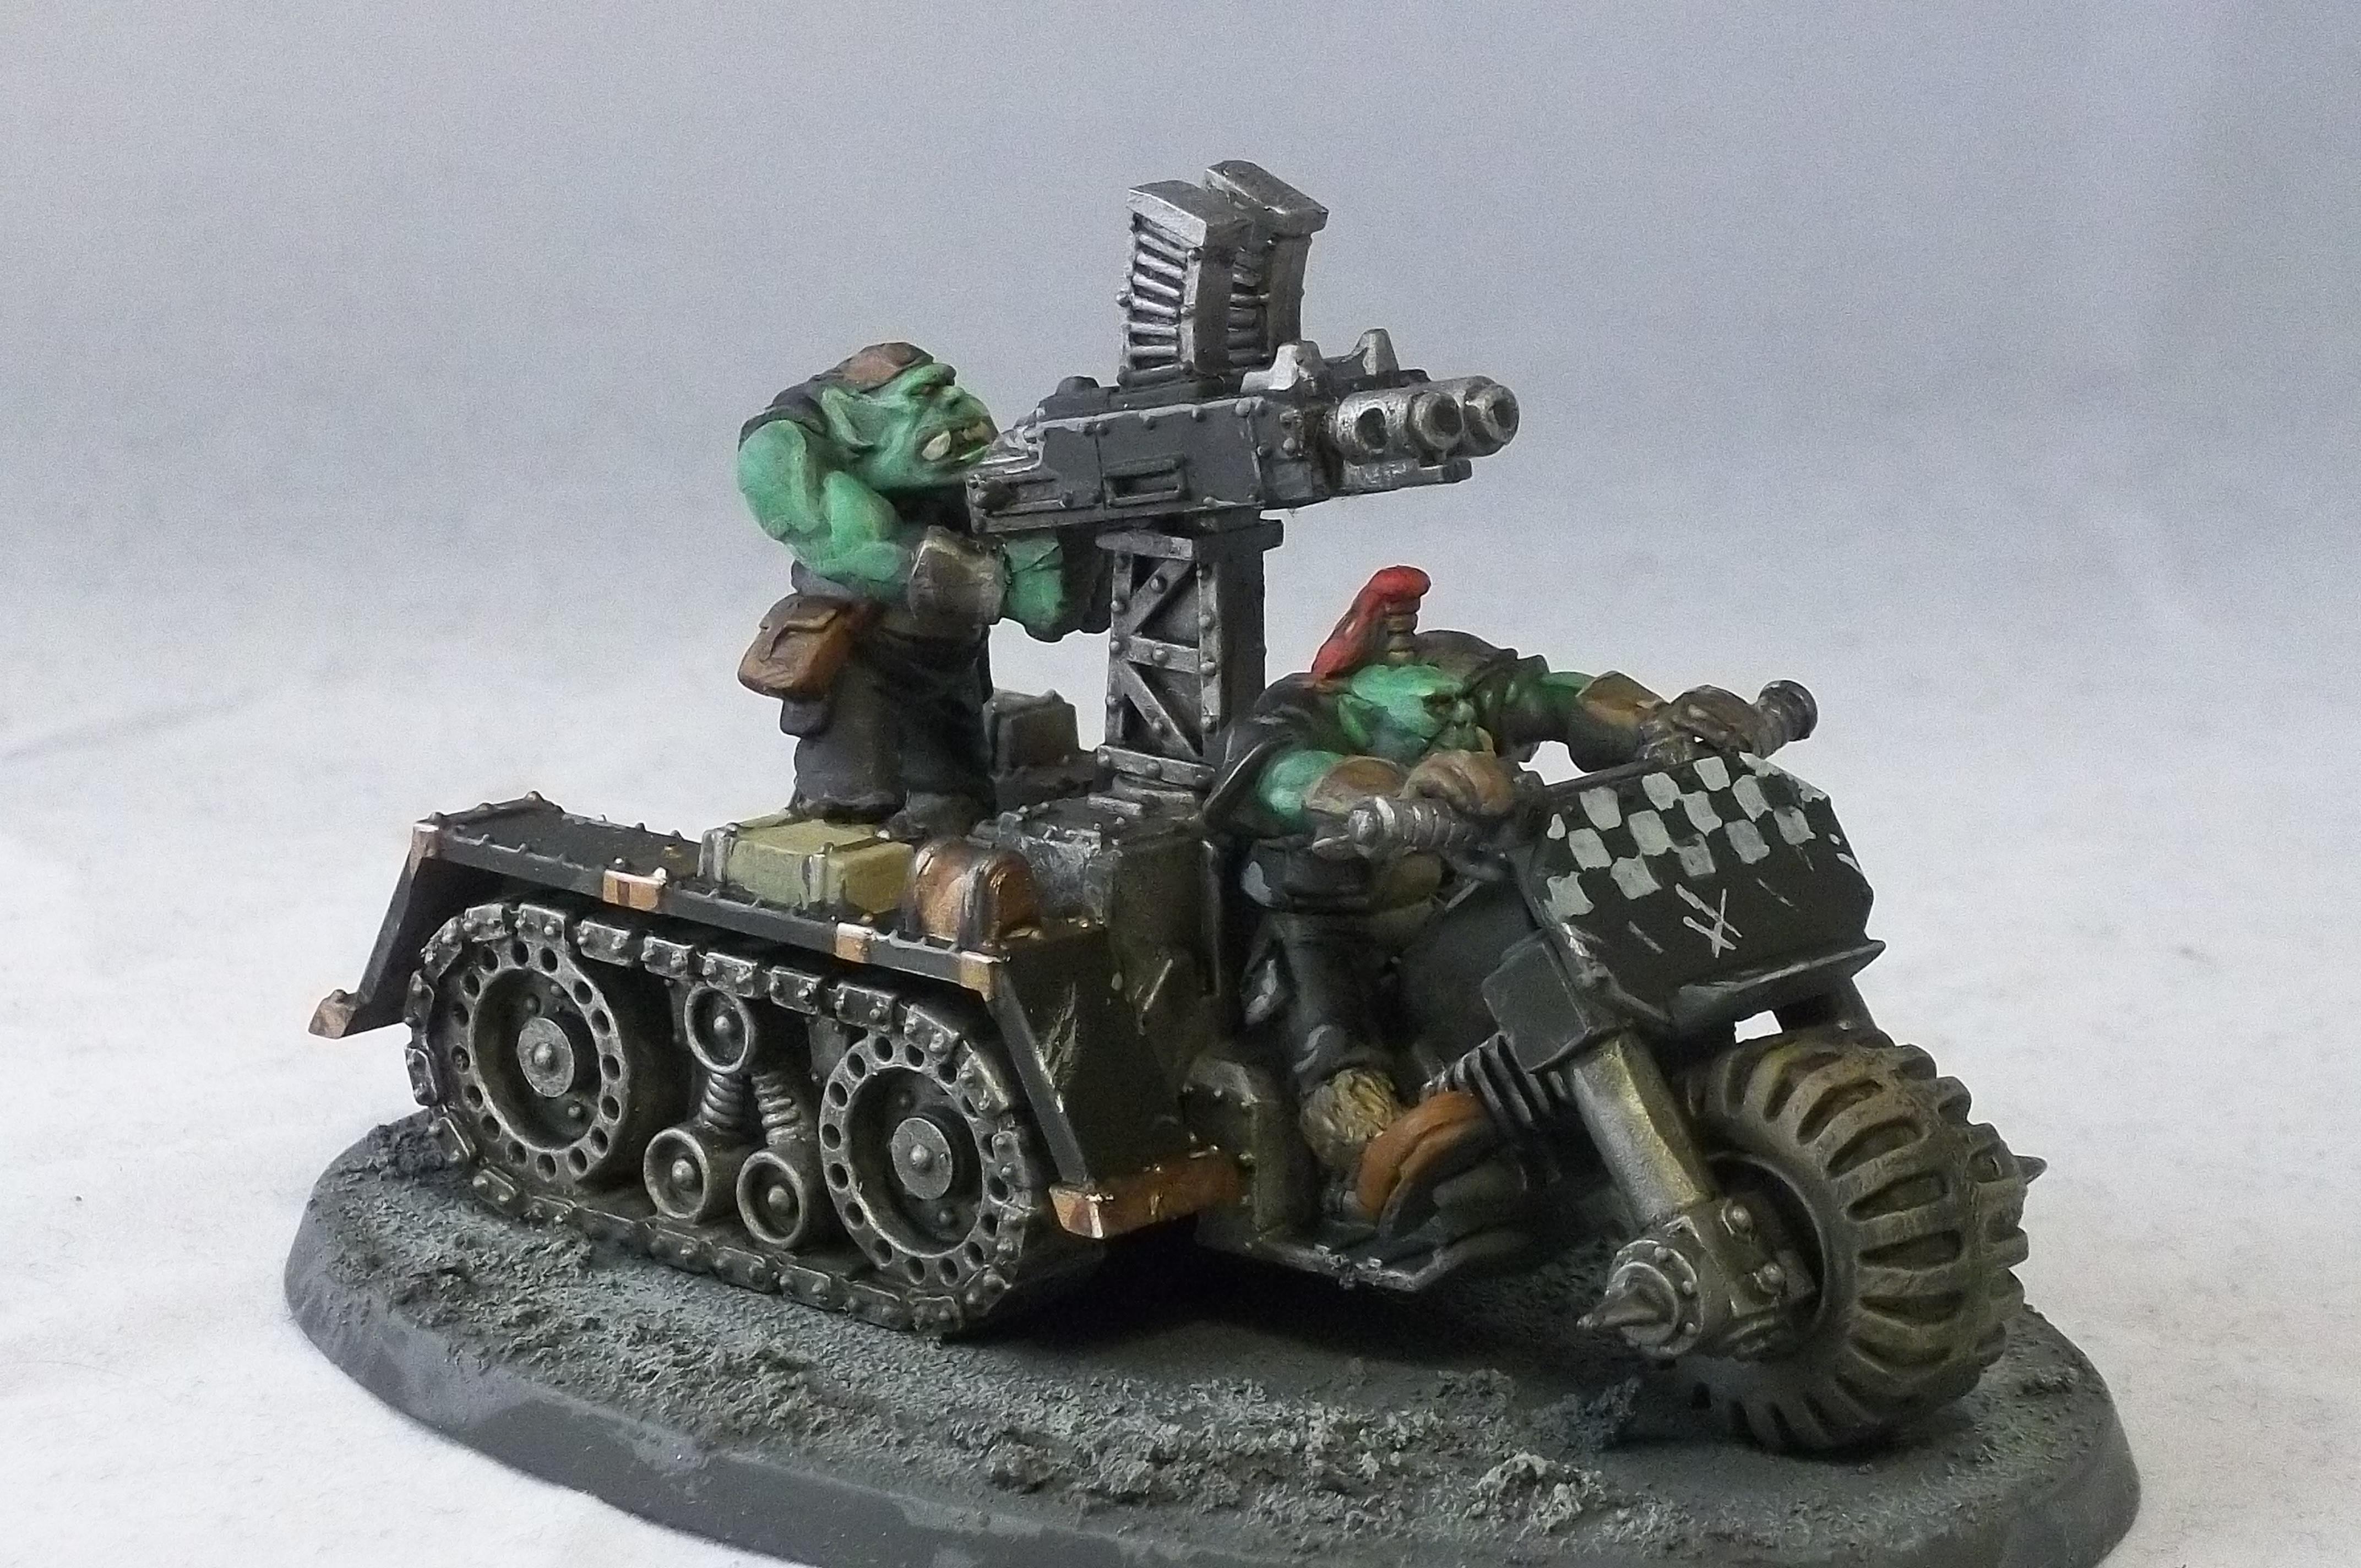 Battle For Vedros, Goffs, Orks, Wartrakk